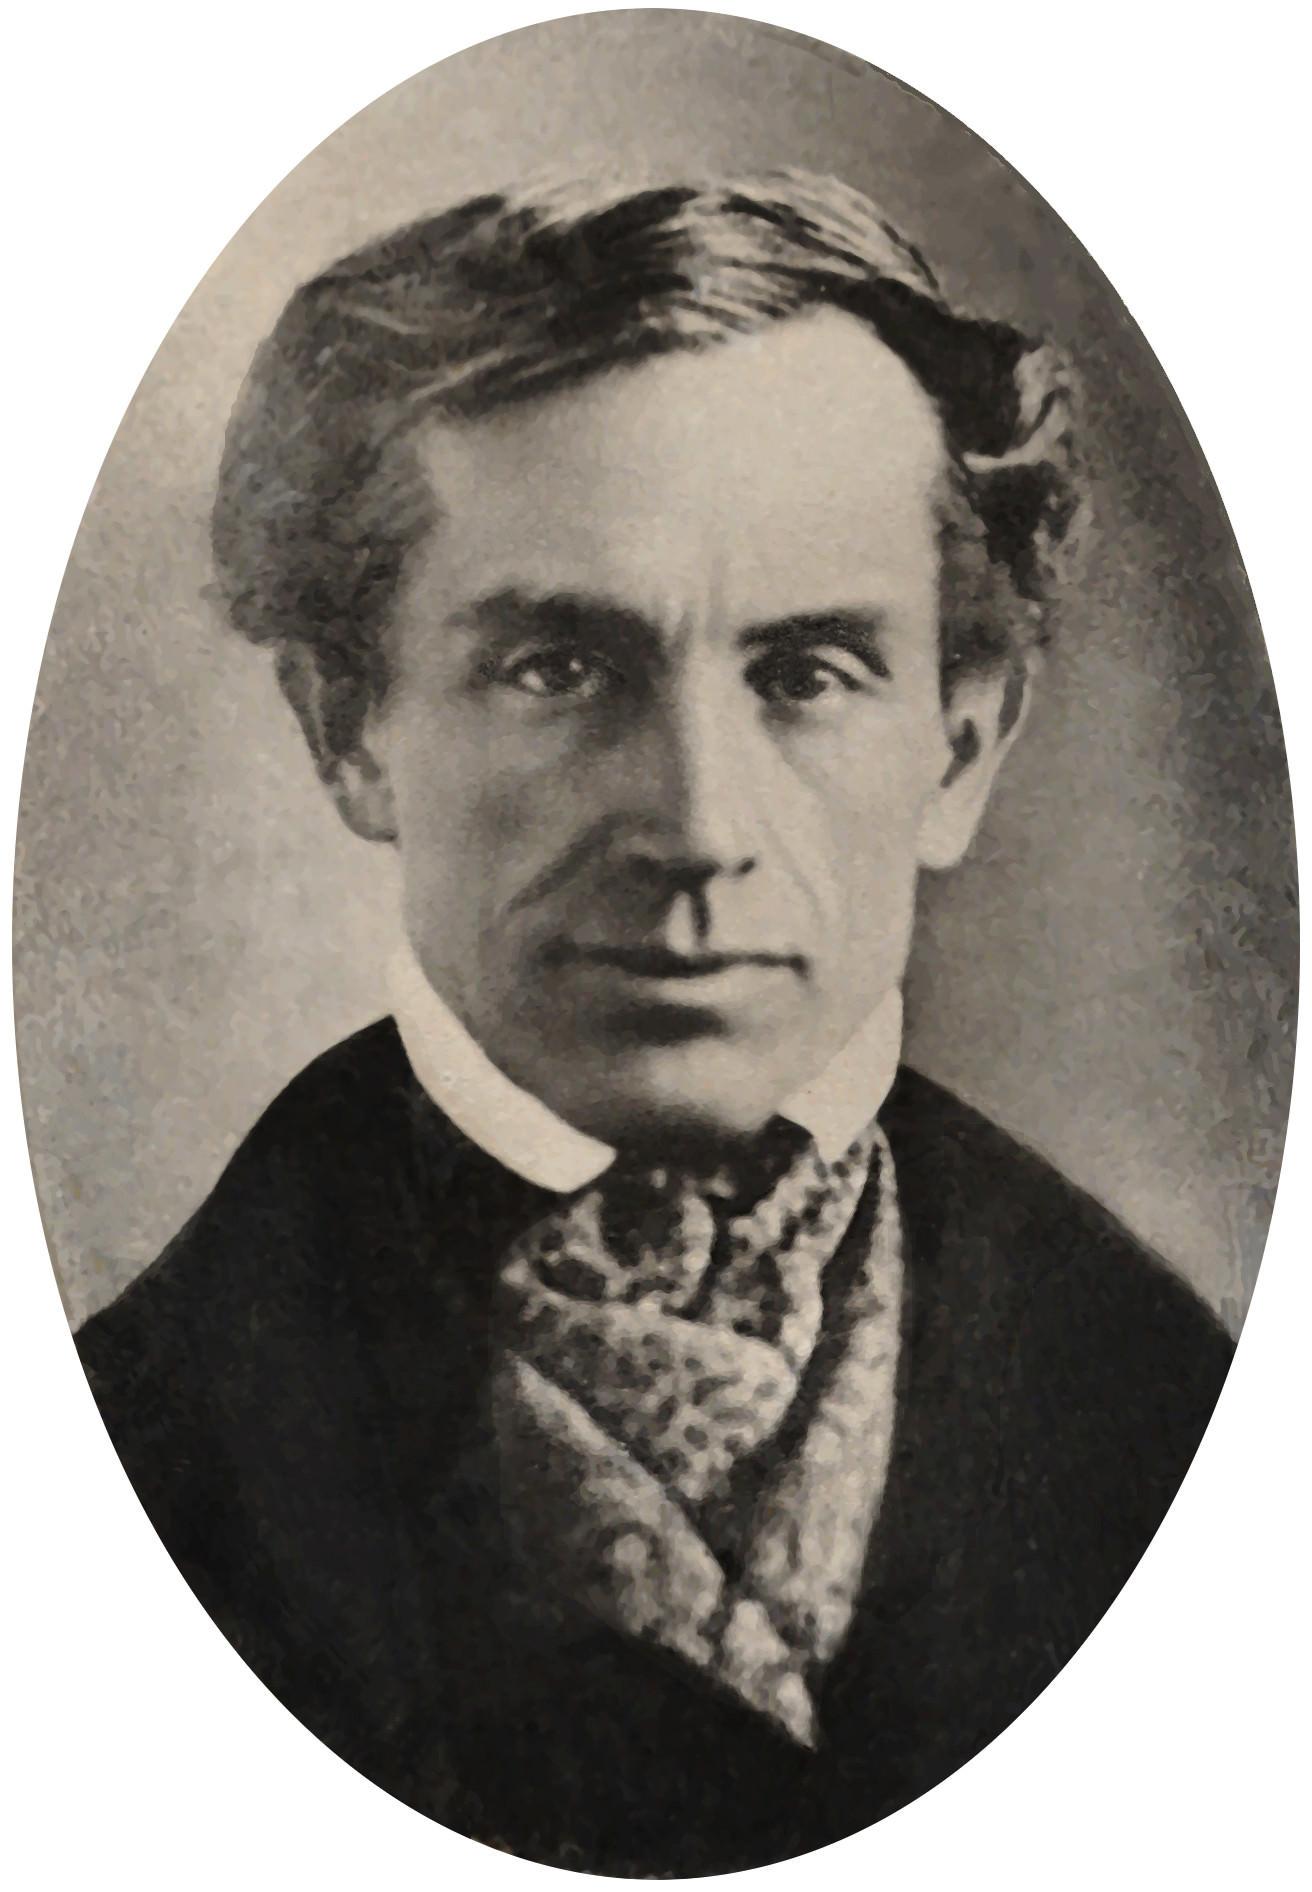 Morse Samuel Finley Breese